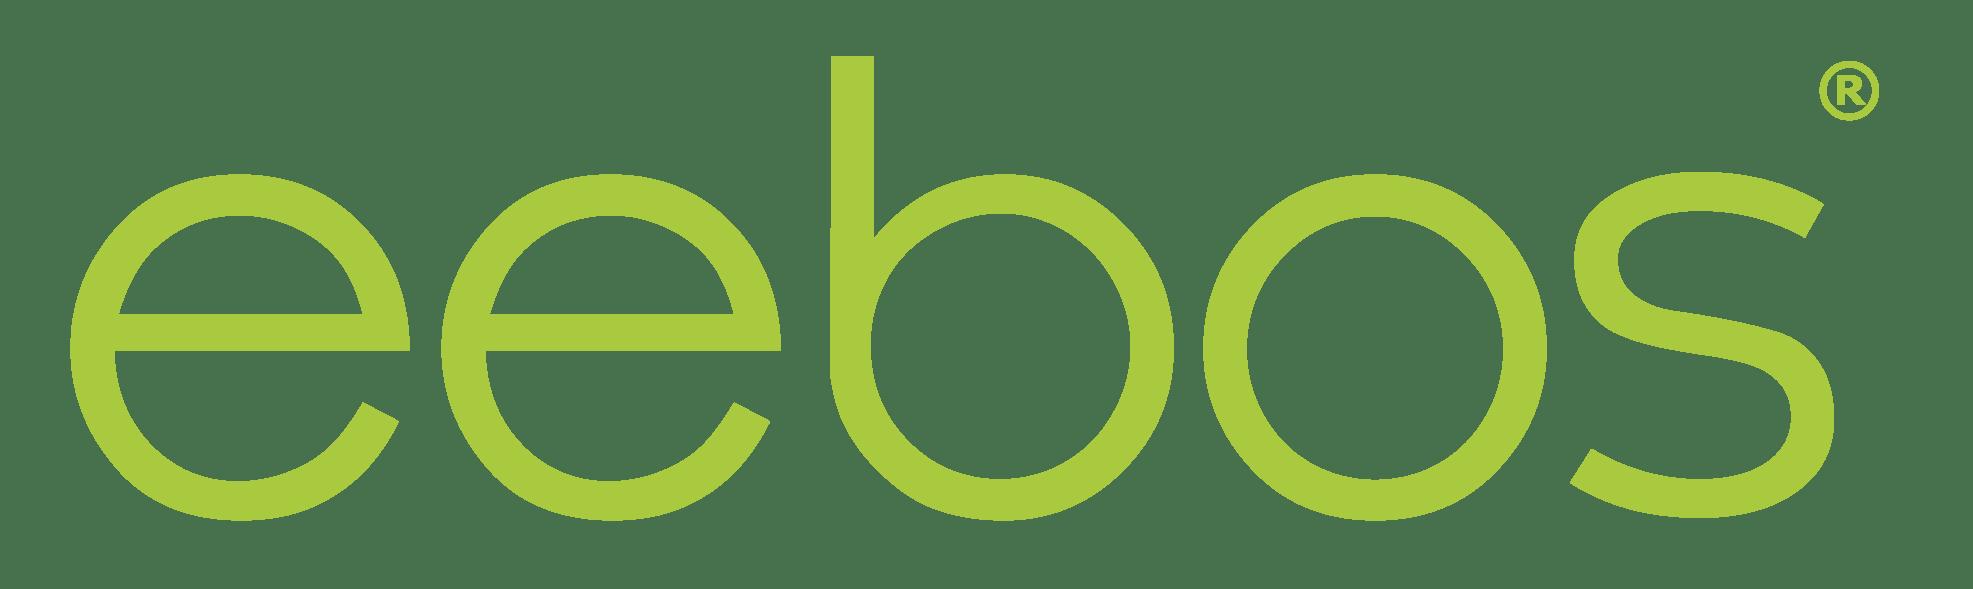 eebos GmbH